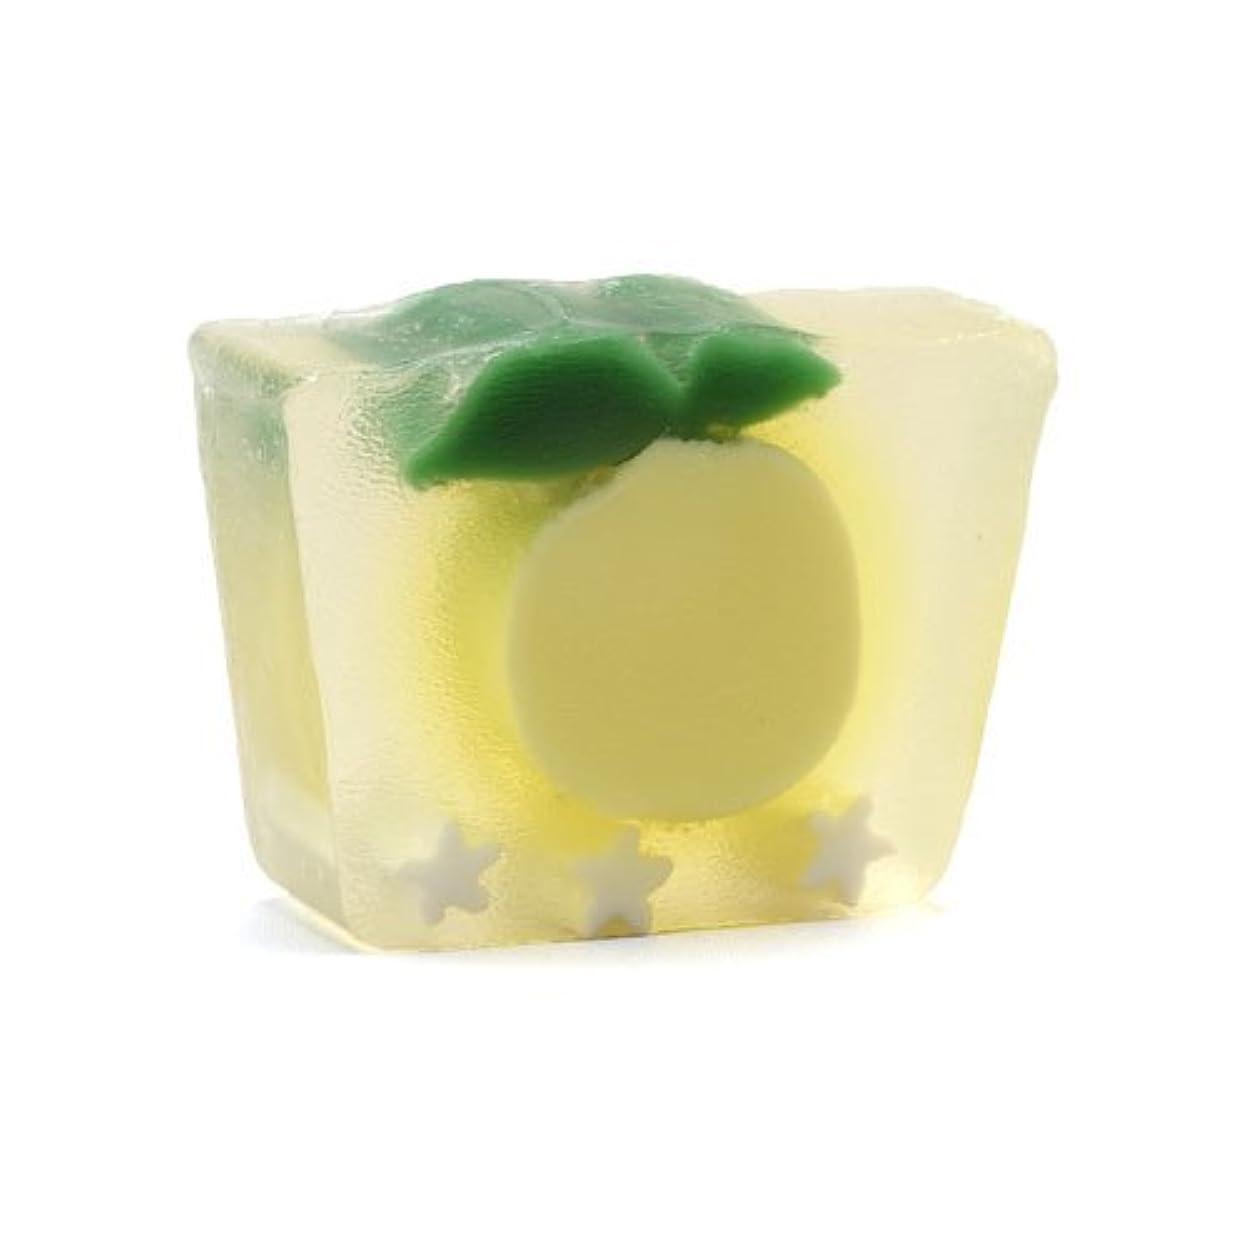 スキップカバー複数プライモールエレメンツ アロマティック ミニソープ カリフォルニアレモン 80g 植物性 ナチュラル 石鹸 無添加